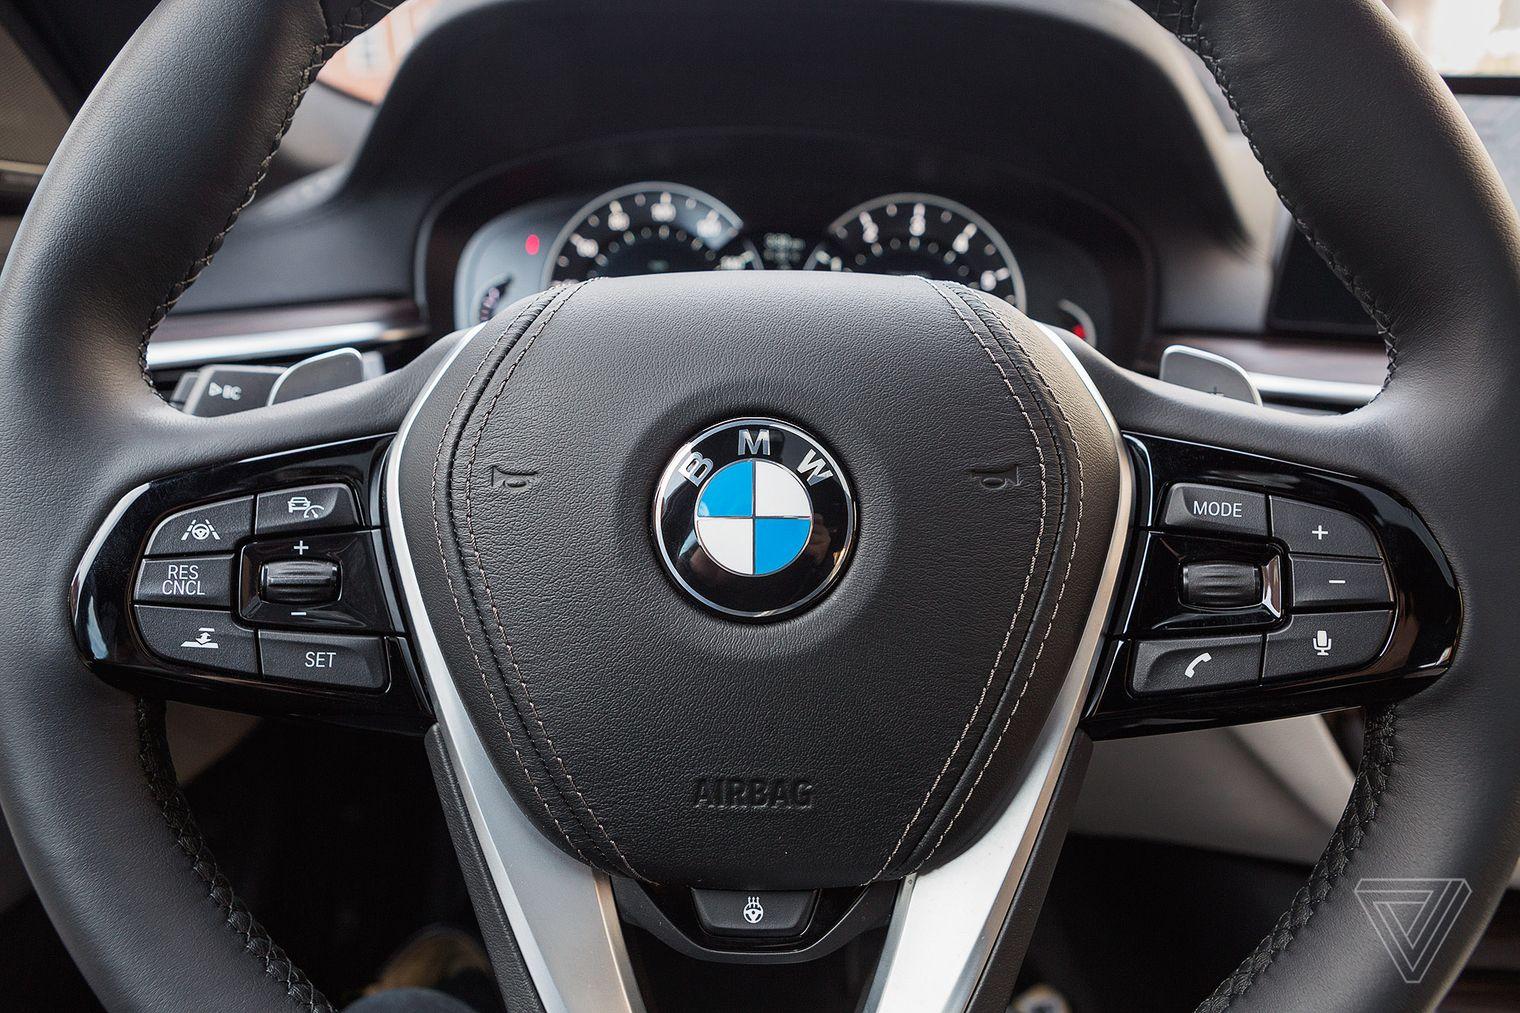 Автомобилите на BMW ќе добијат поддршка за Android Auto технологијата